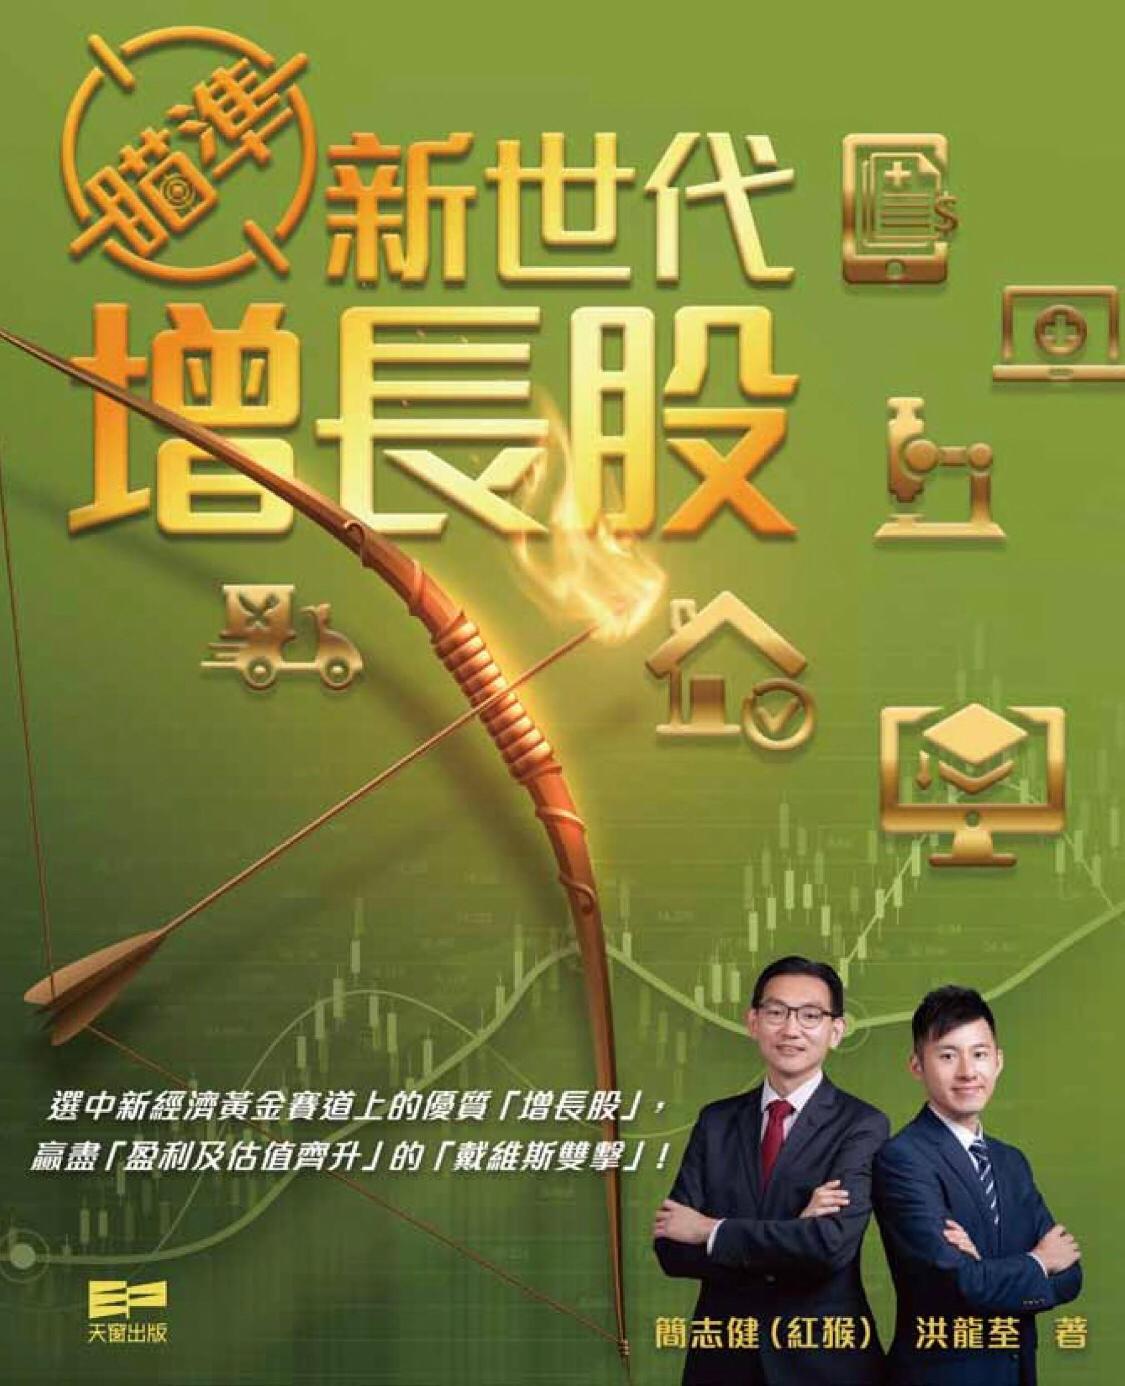 紅猴與Larry為「中原博立」投資拍檔,2020年合作出版財經書,登上香港主要連鎖書店財經書銷量首位,令新世代增長股更受注目!